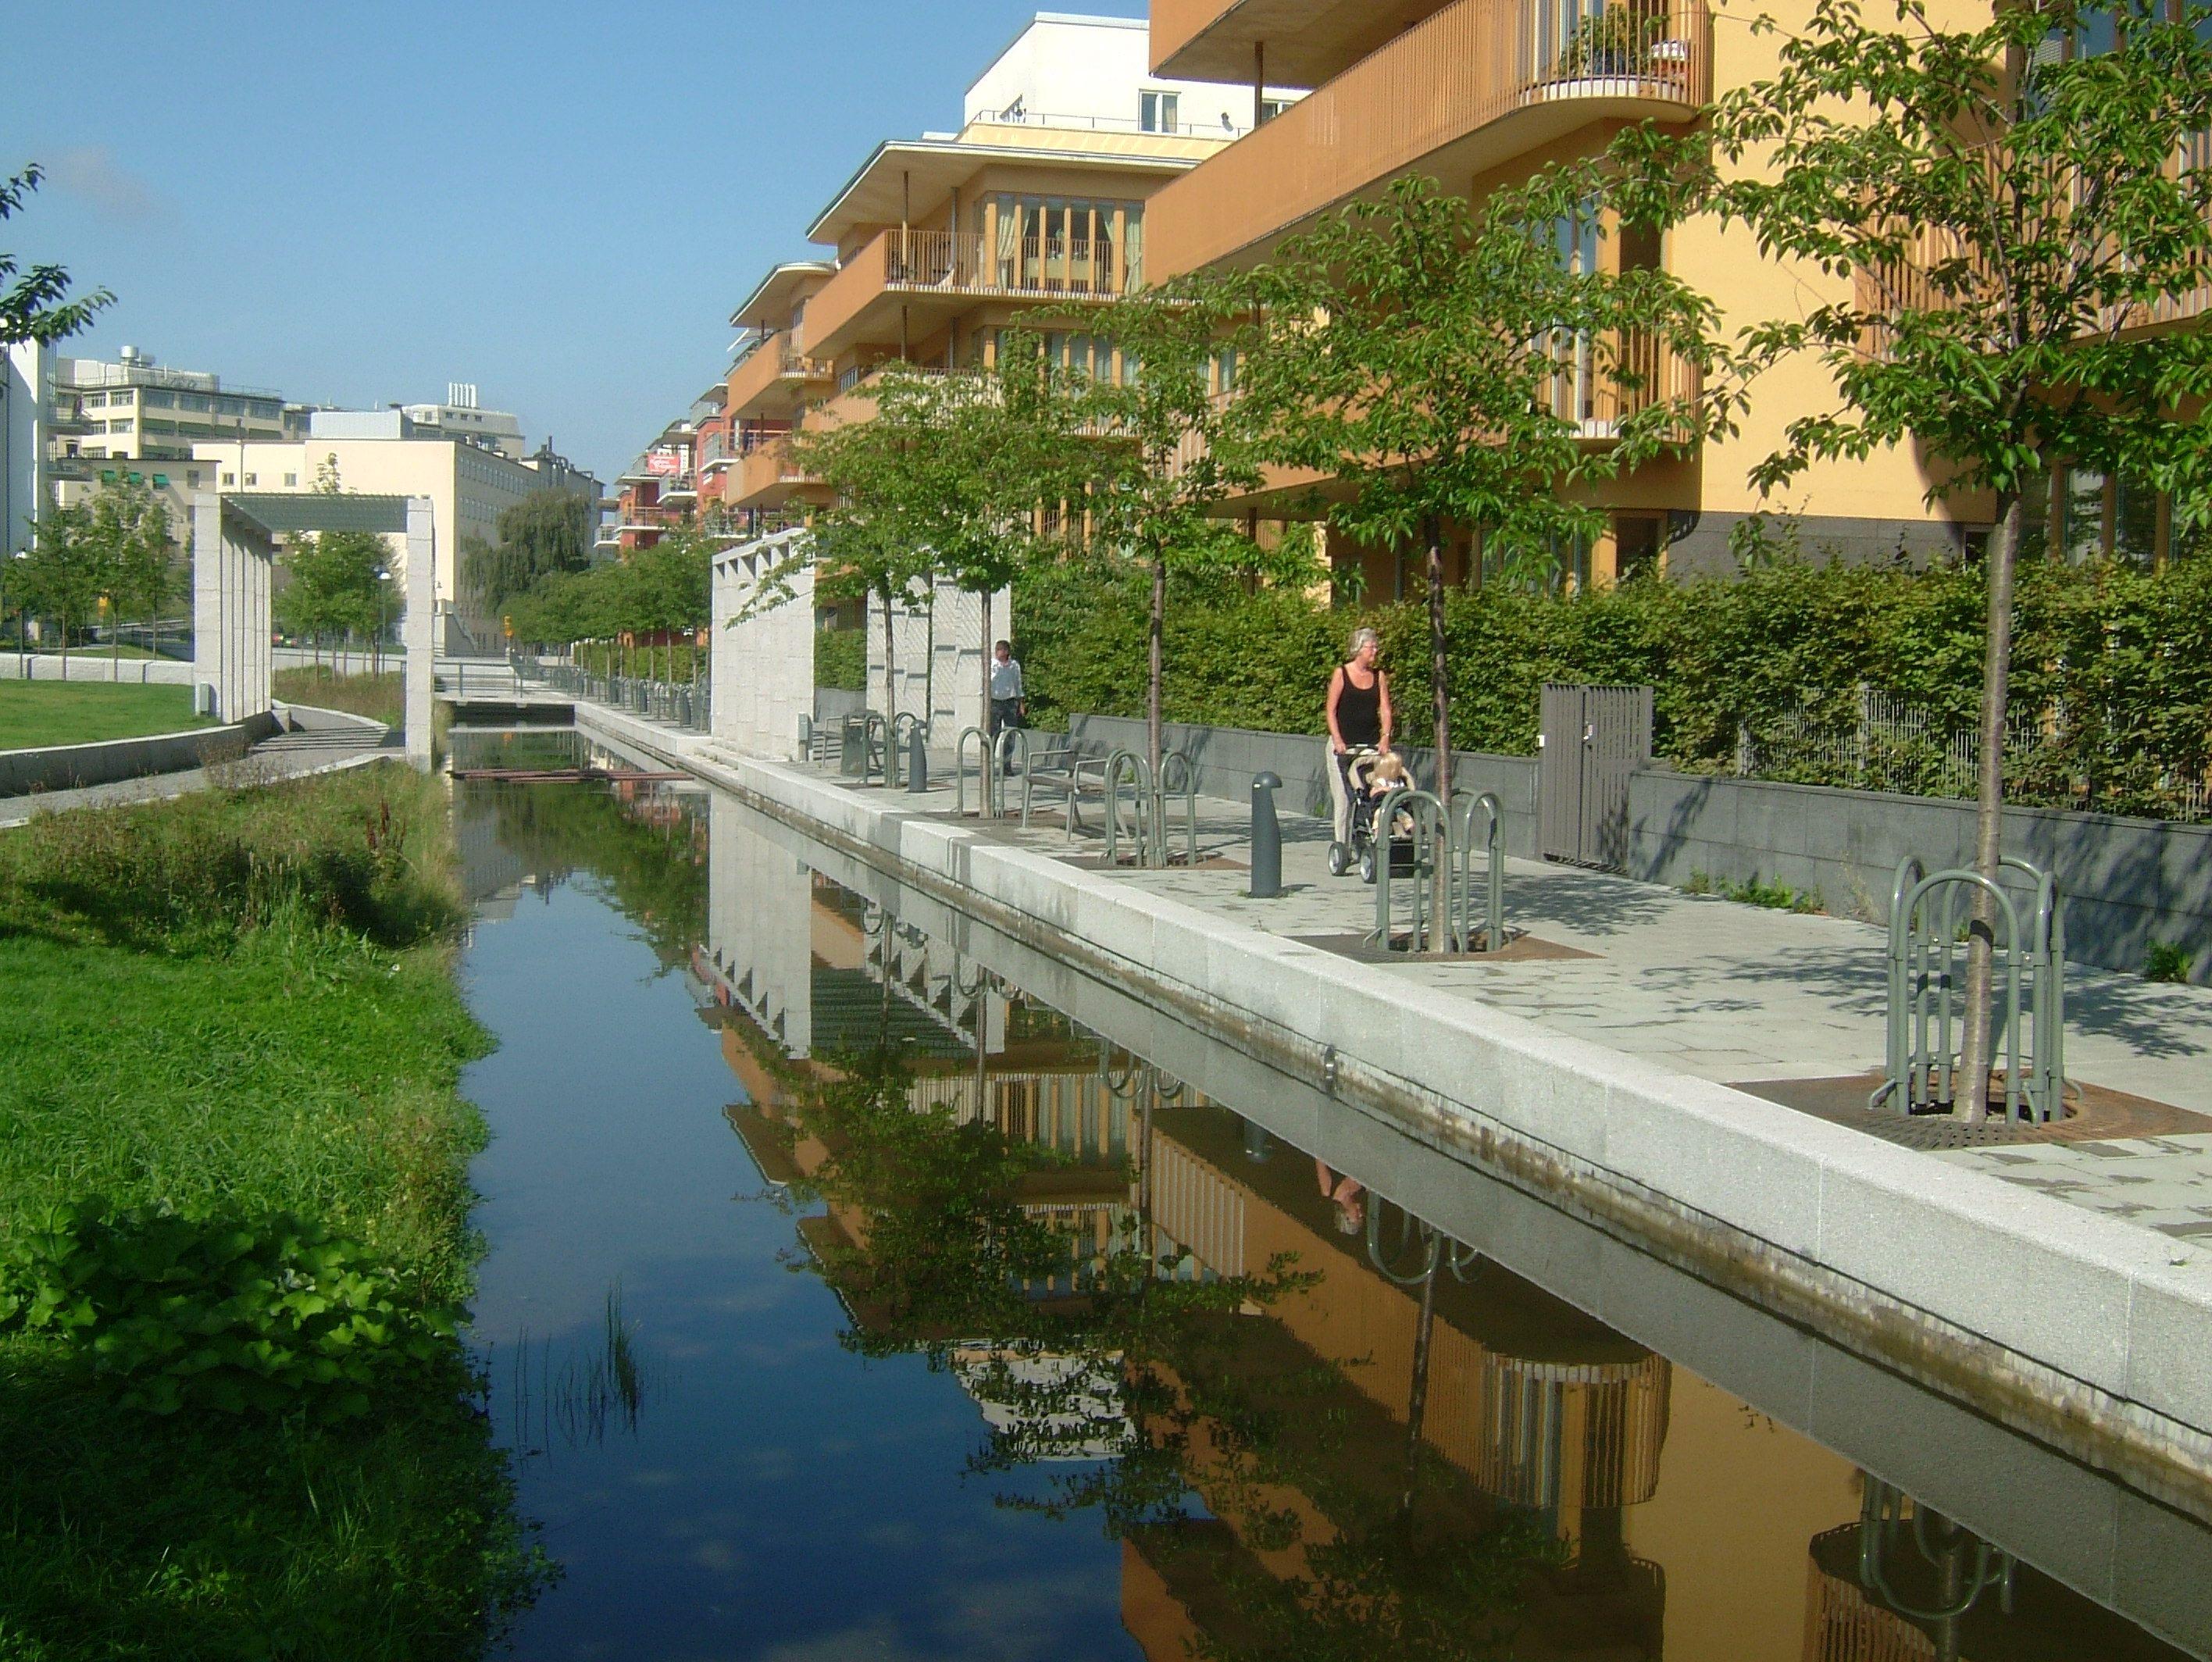 Storm water canal, Hammarby Sjöstad - Stockholm, Sweden